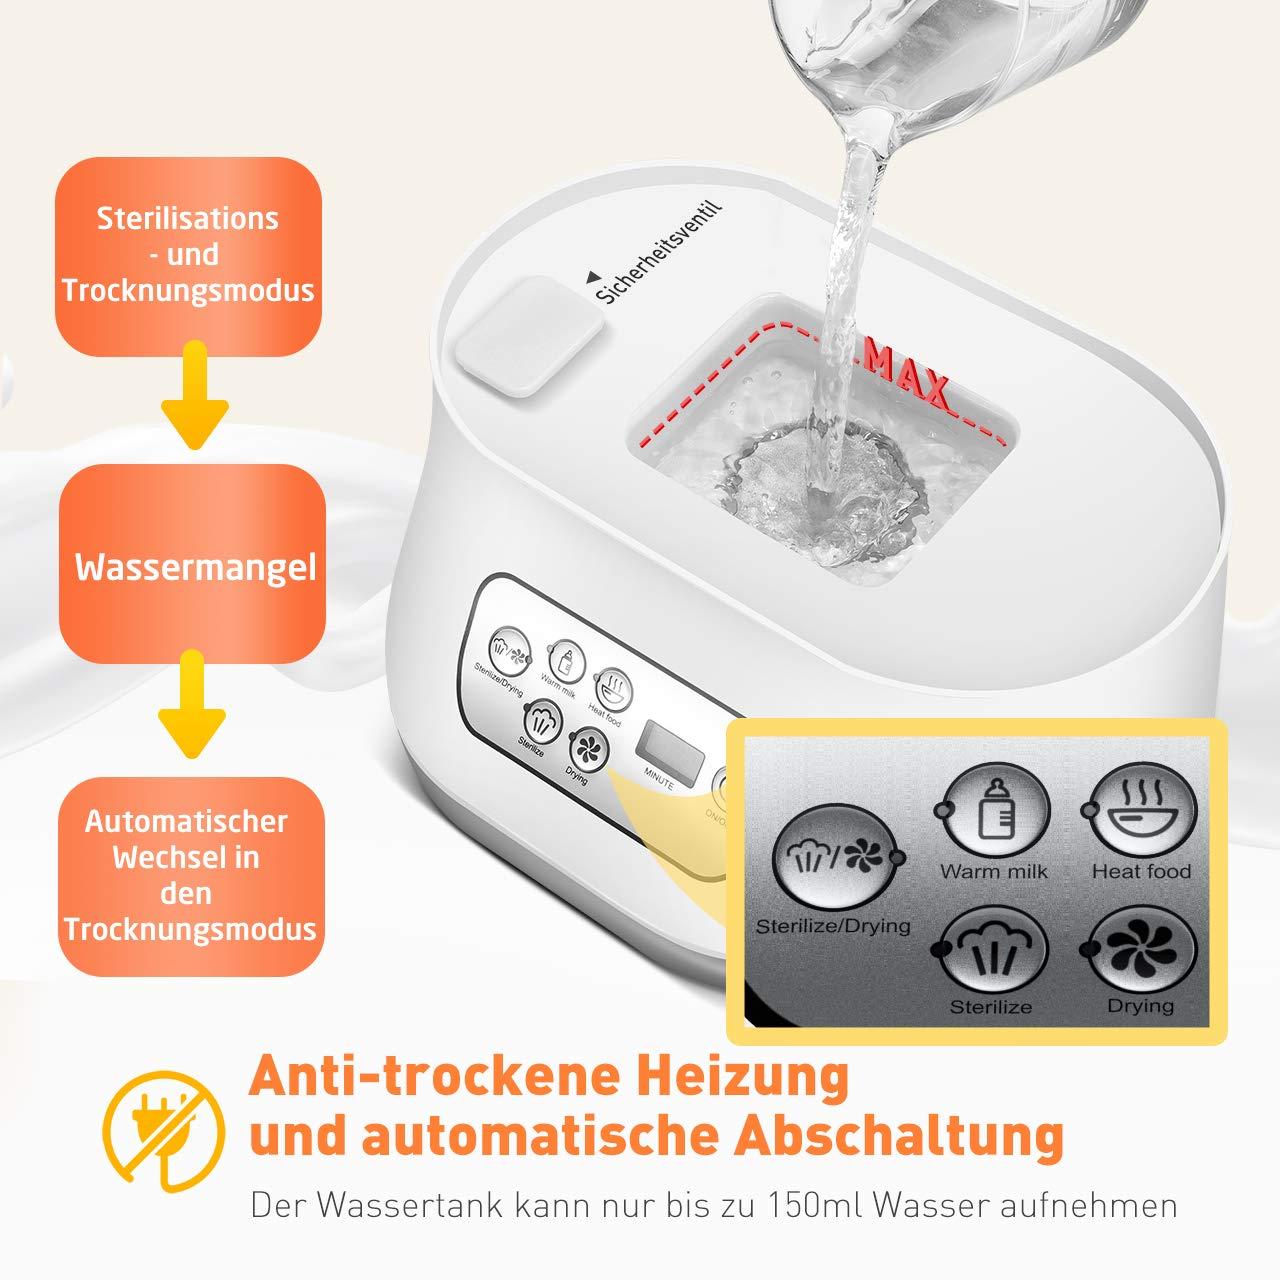 Sauger und Stillzubeh/ör OMORC Sterilisator 5-in-1 Baby Flaschenw/ärmer mit Trocknungsfunktion 550W Dampfsterilisator Vaporisator mit LCD-Anzeige f/ür bis zu 6 Babyfl/äschchen